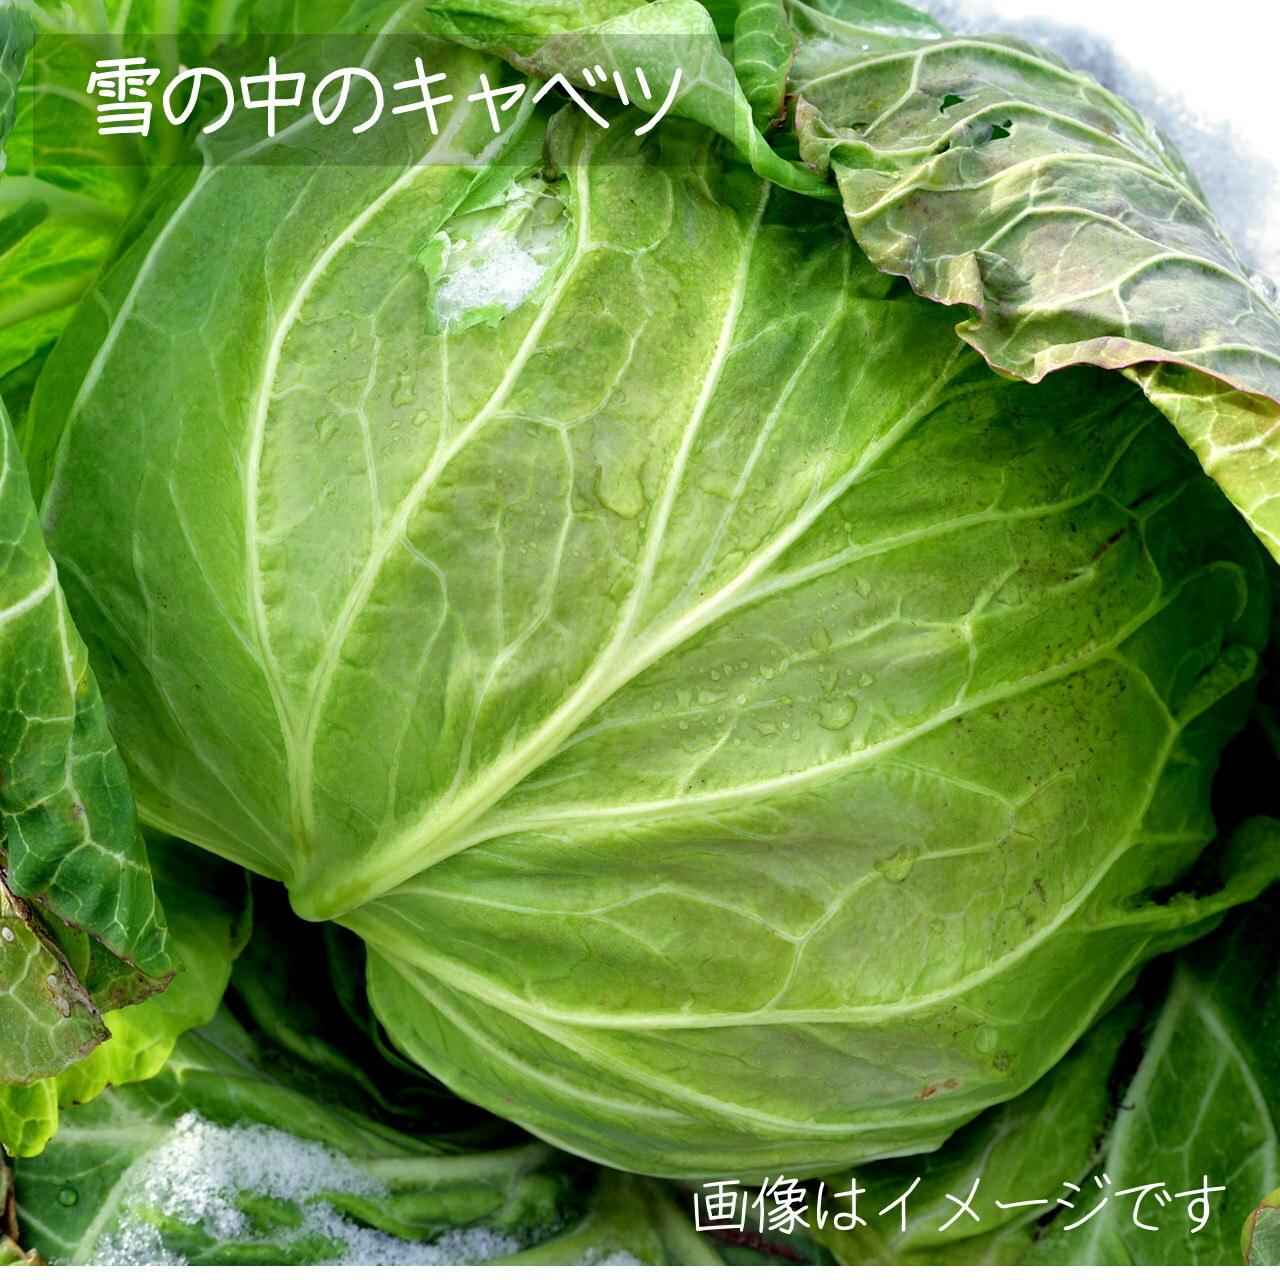 7月新鮮野菜 : キャベツ 1個 朝採り直売野菜 7月4日発送予定